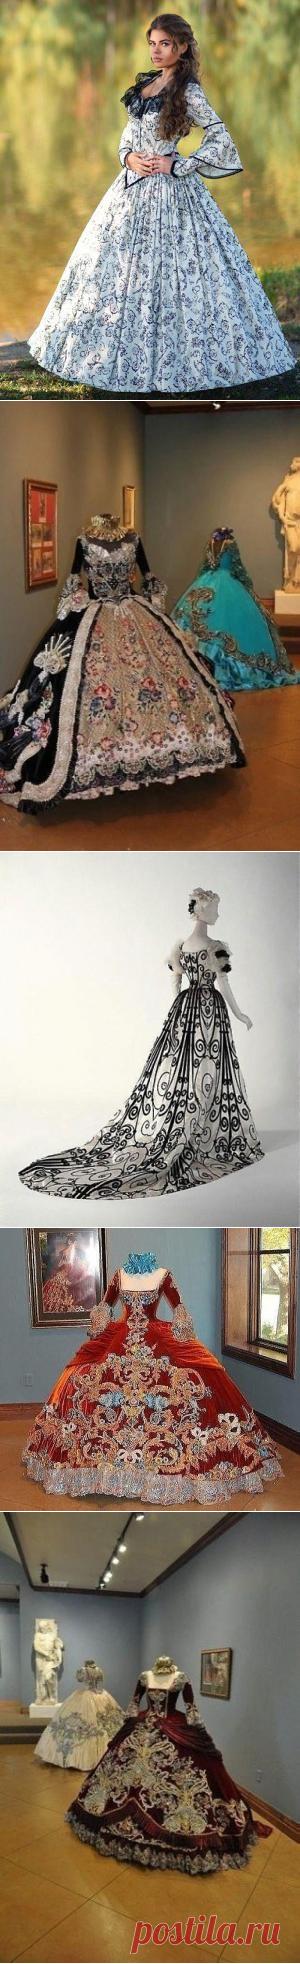 Помпезность и шарм в платьях XIX века